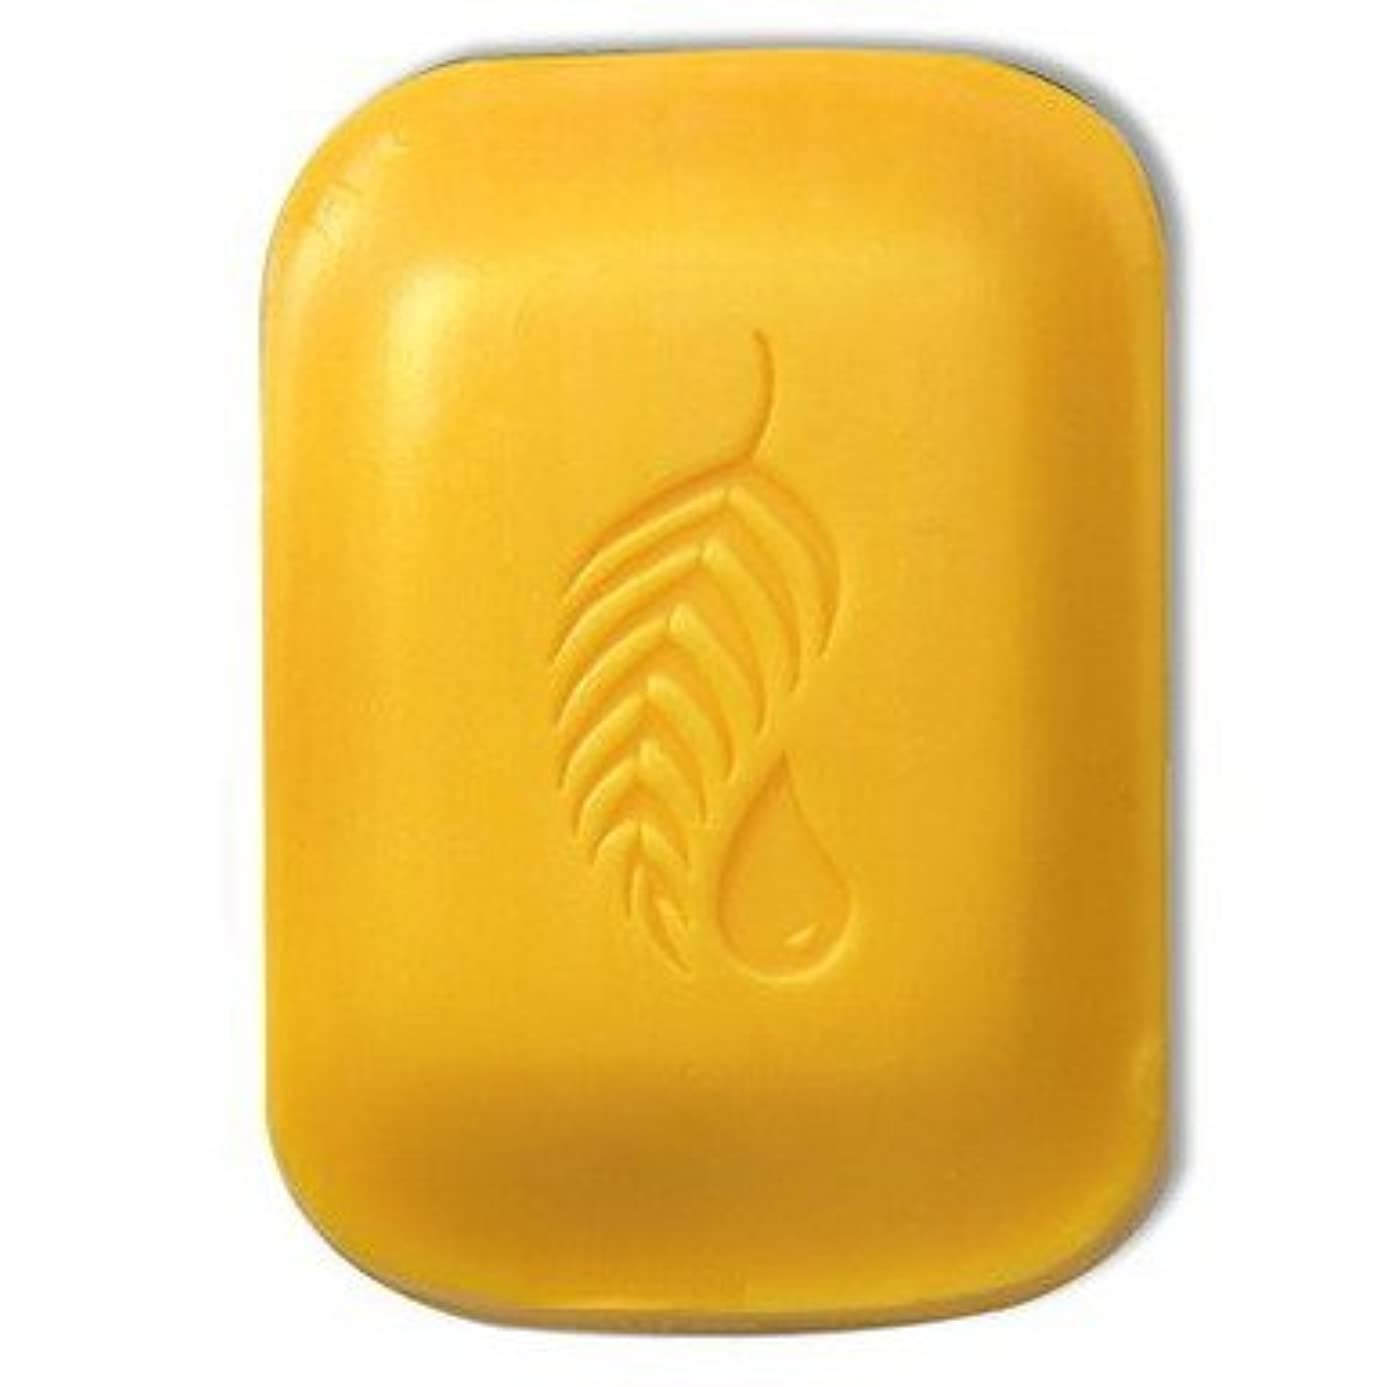 収縮目指すつらい【Melaleuca(メラルーカ)】ゴールド バー トライアルサイズ42.5g [並行輸入品]